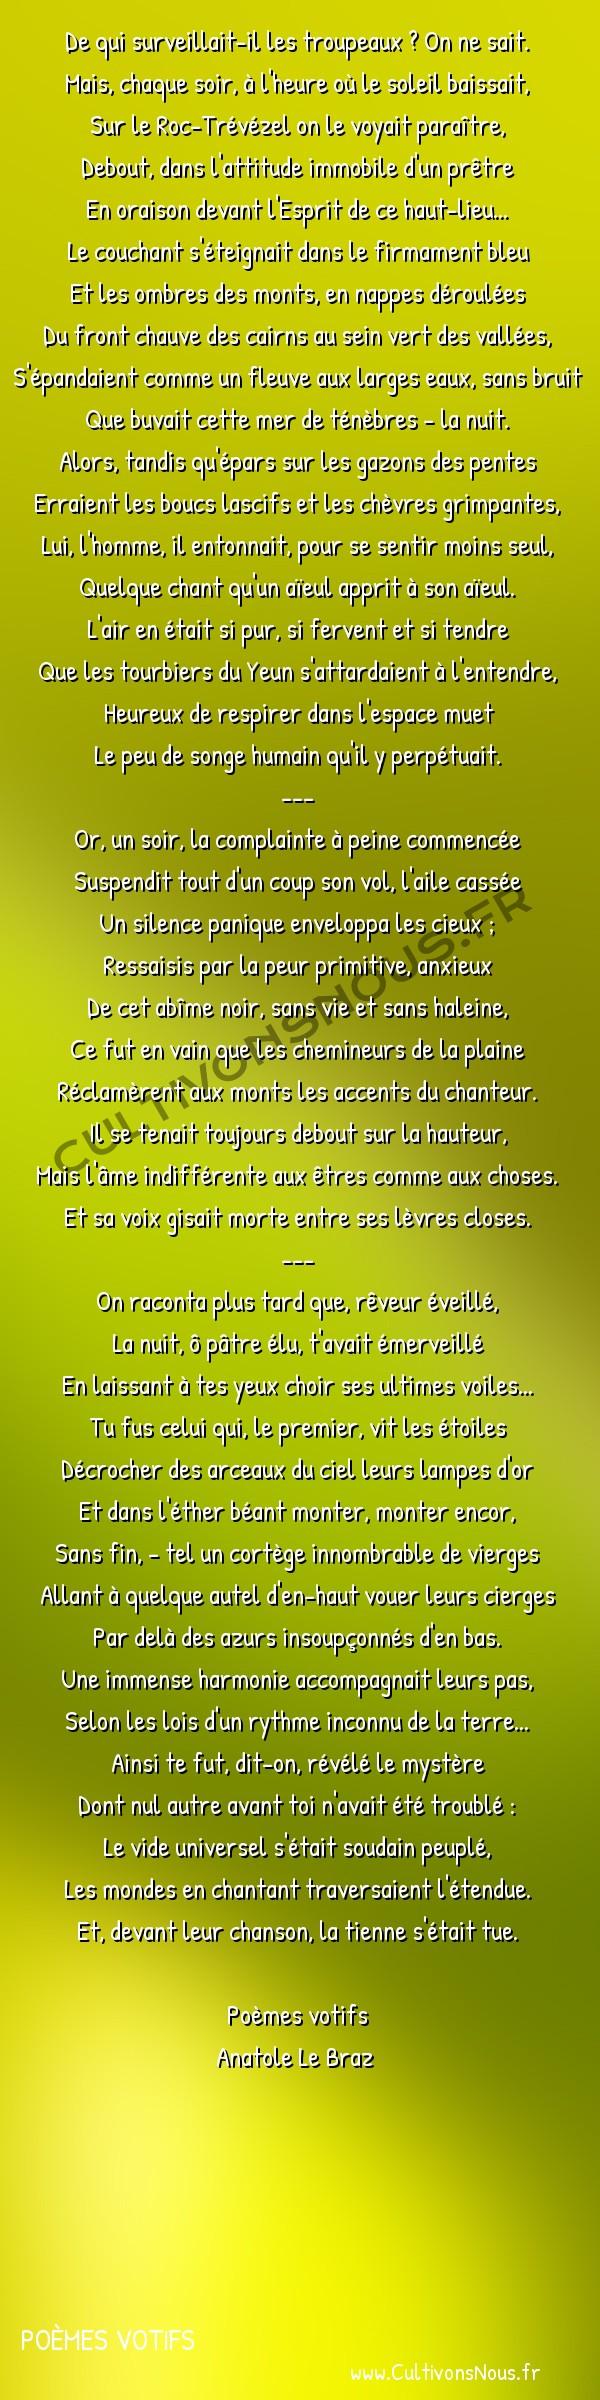 Poésie Anatole Le Braz - Poèmes votifs - Le Pâtre de la nuit -  De qui surveillait-il les troupeaux ? On ne sait. Mais, chaque soir, à l'heure où le soleil baissait,